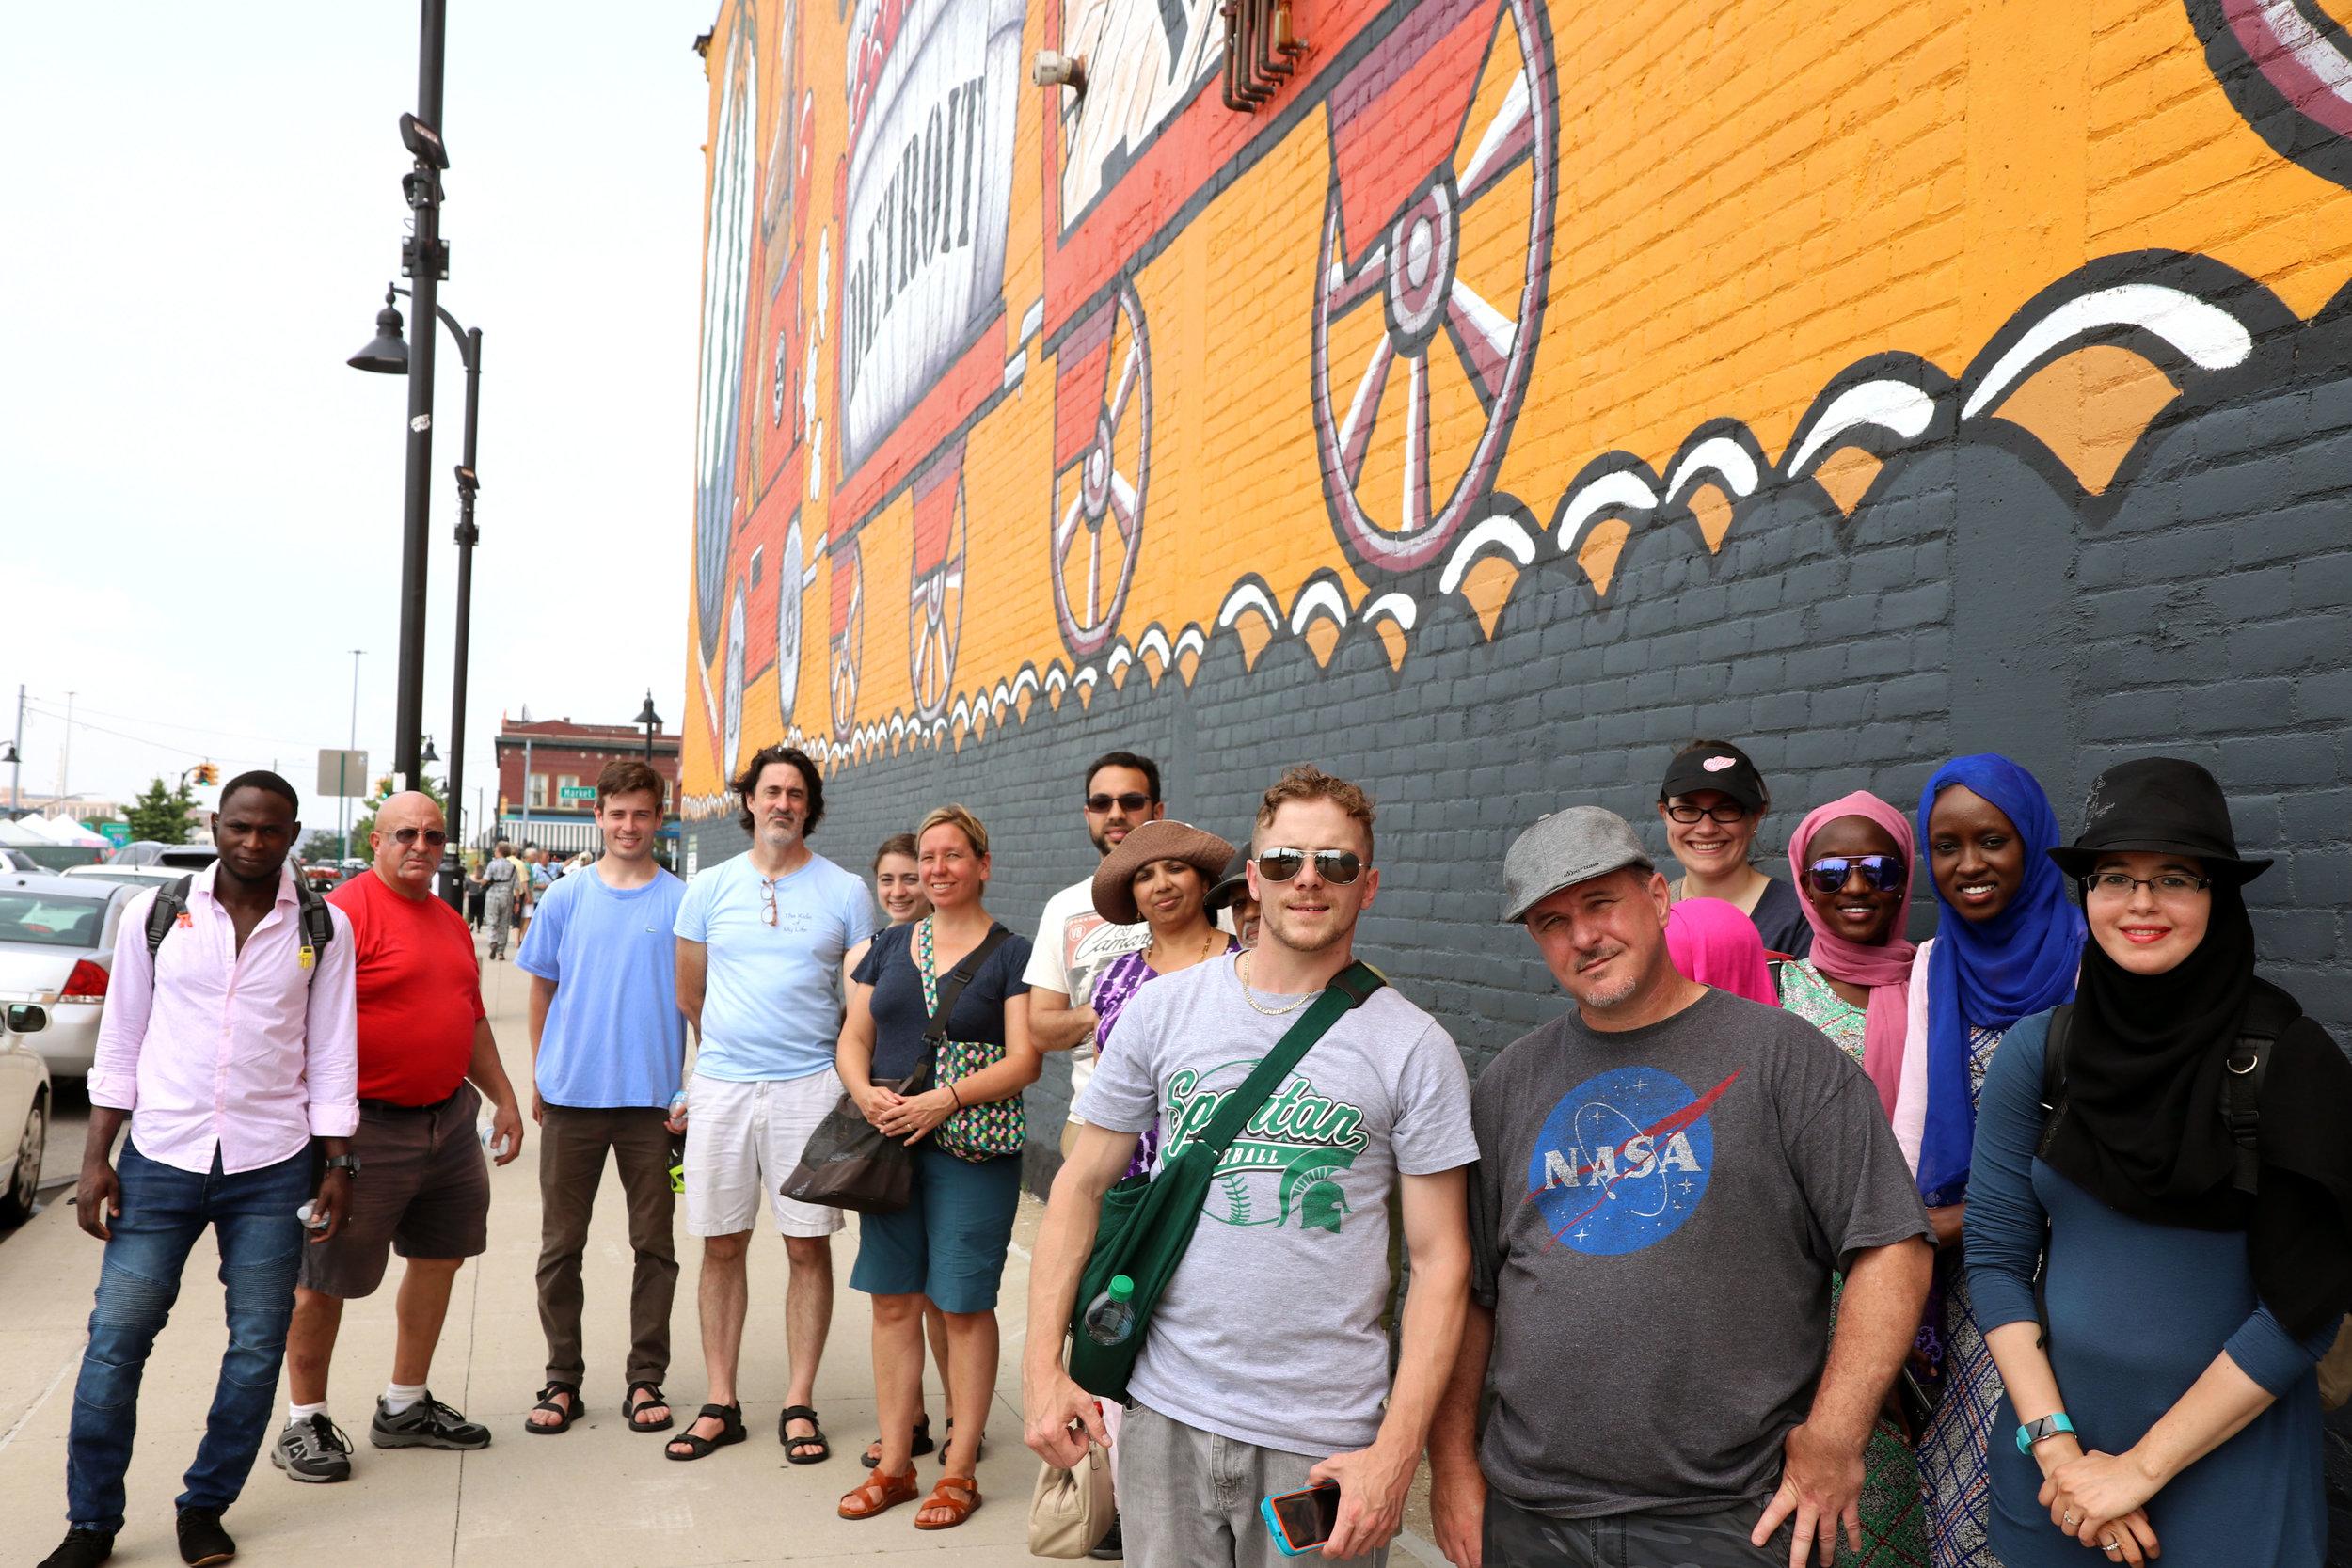 eastern_market_detroit_tours.JPG